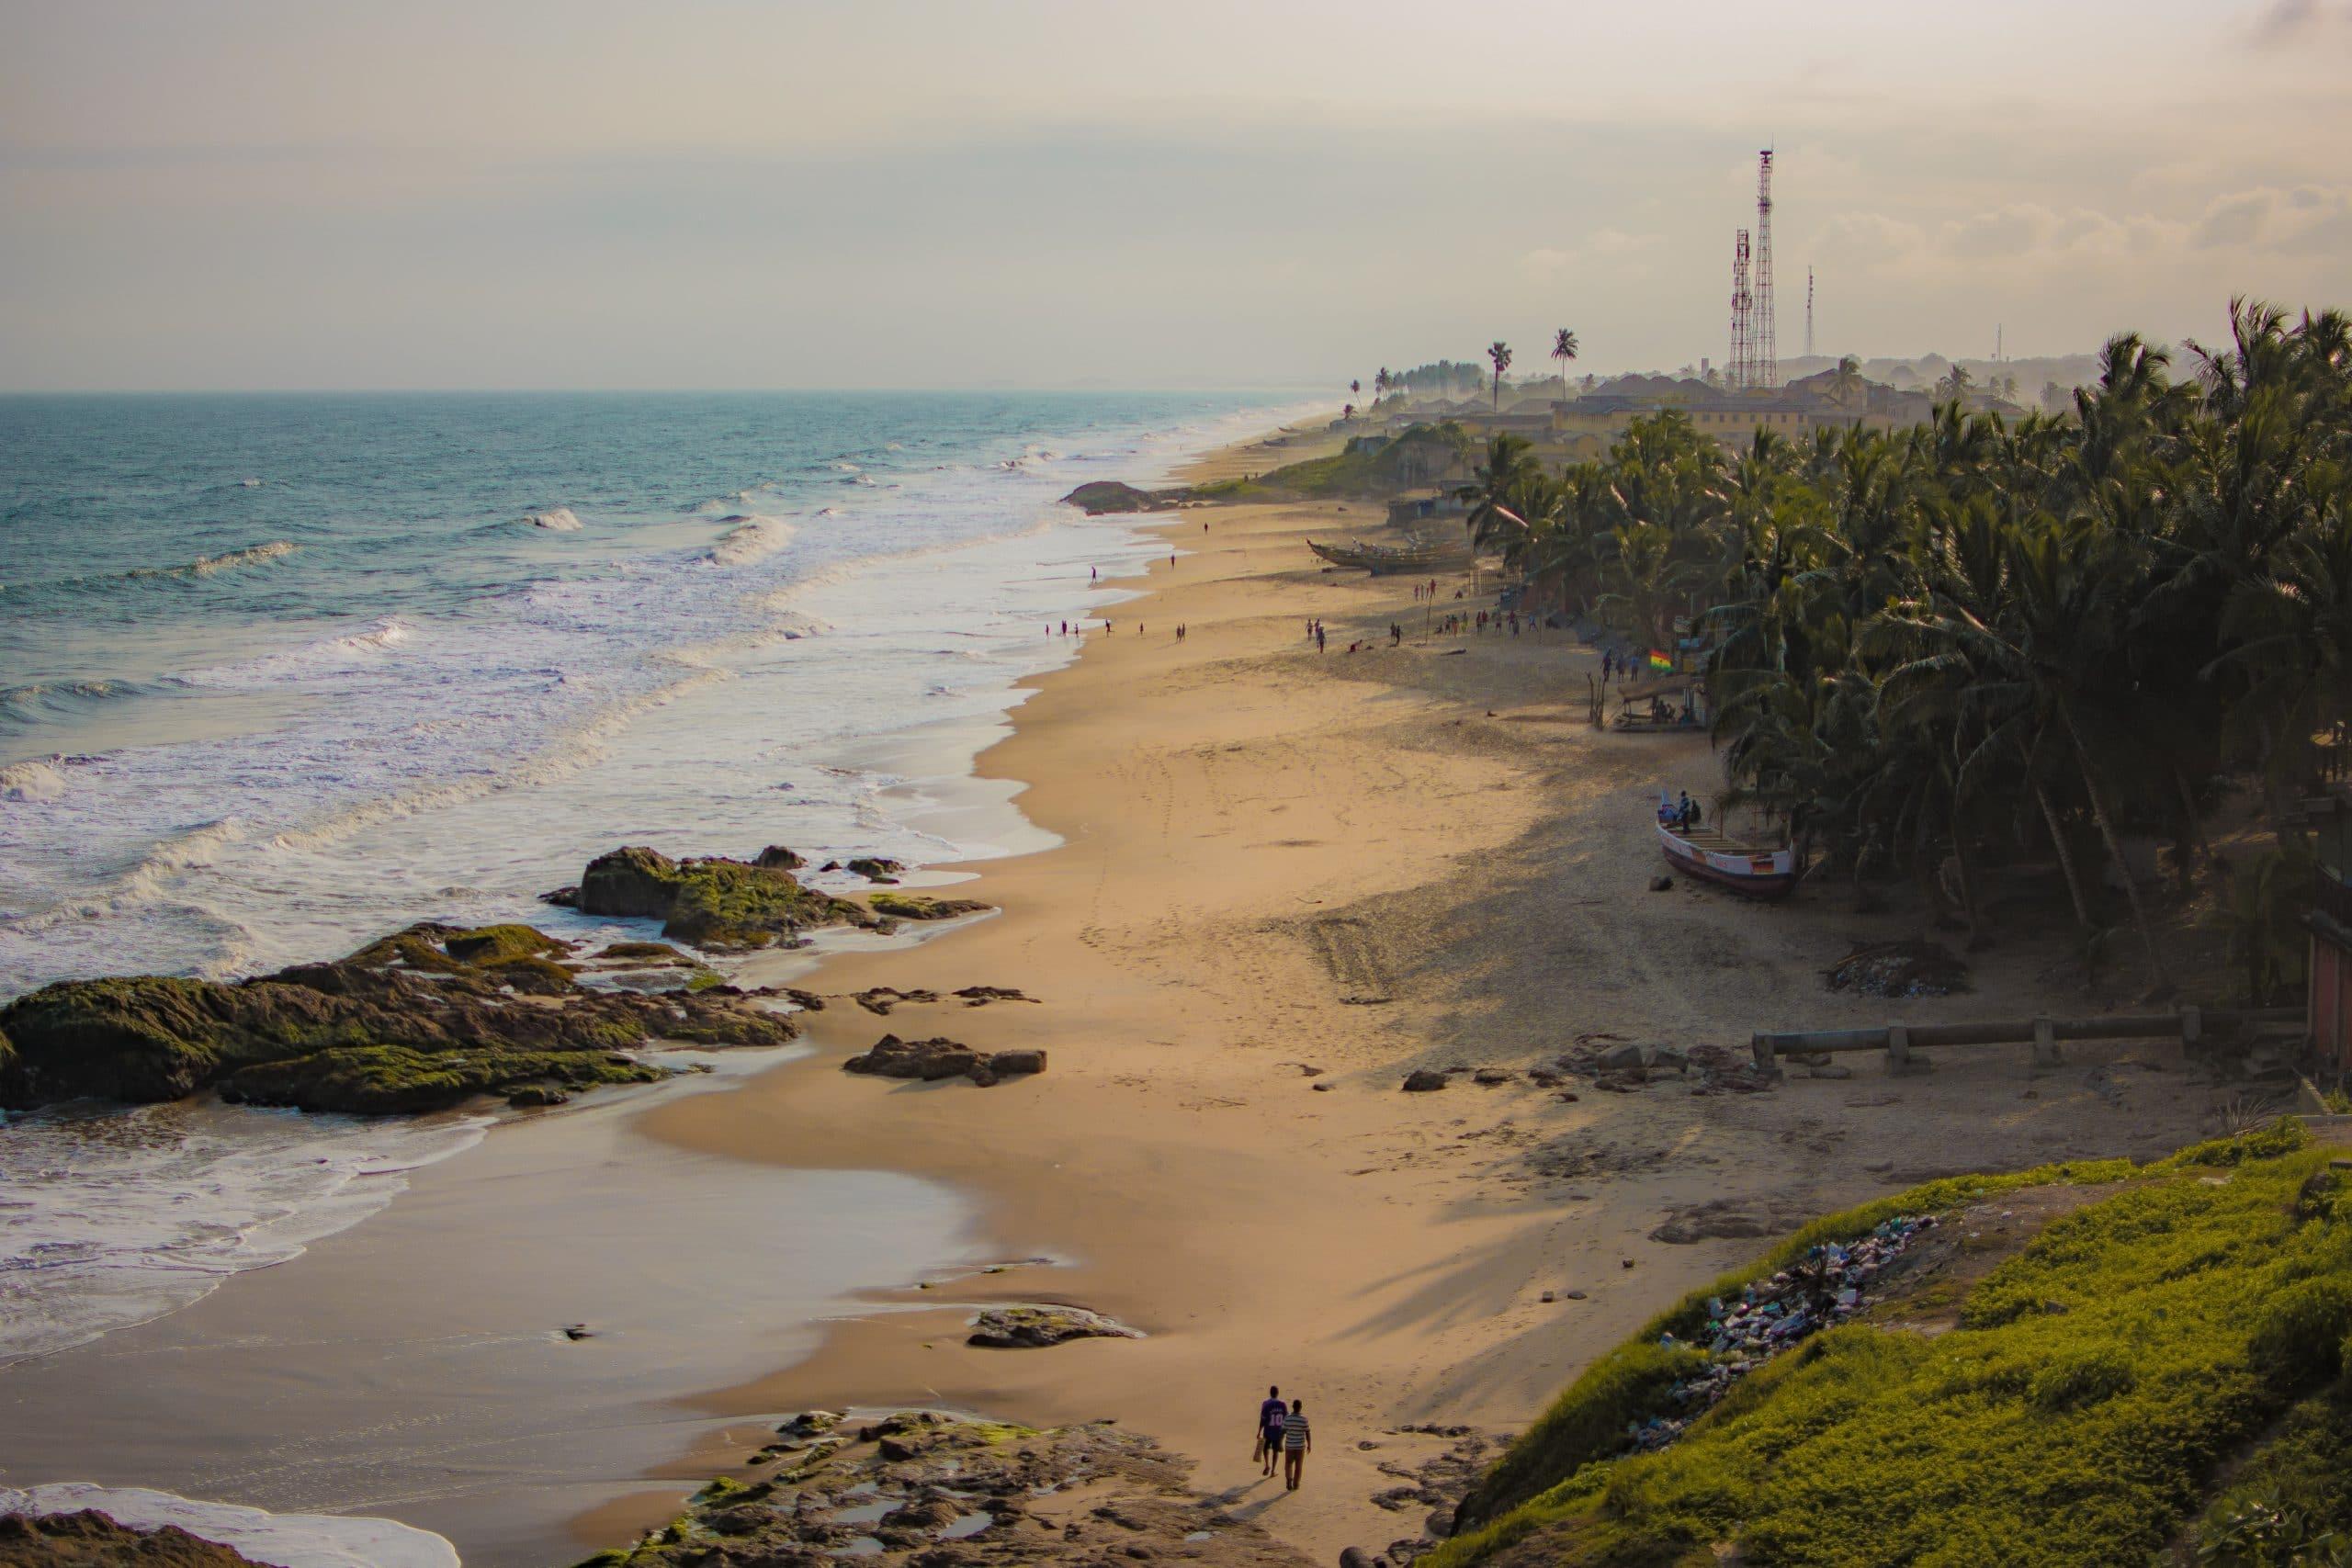 accra beaches